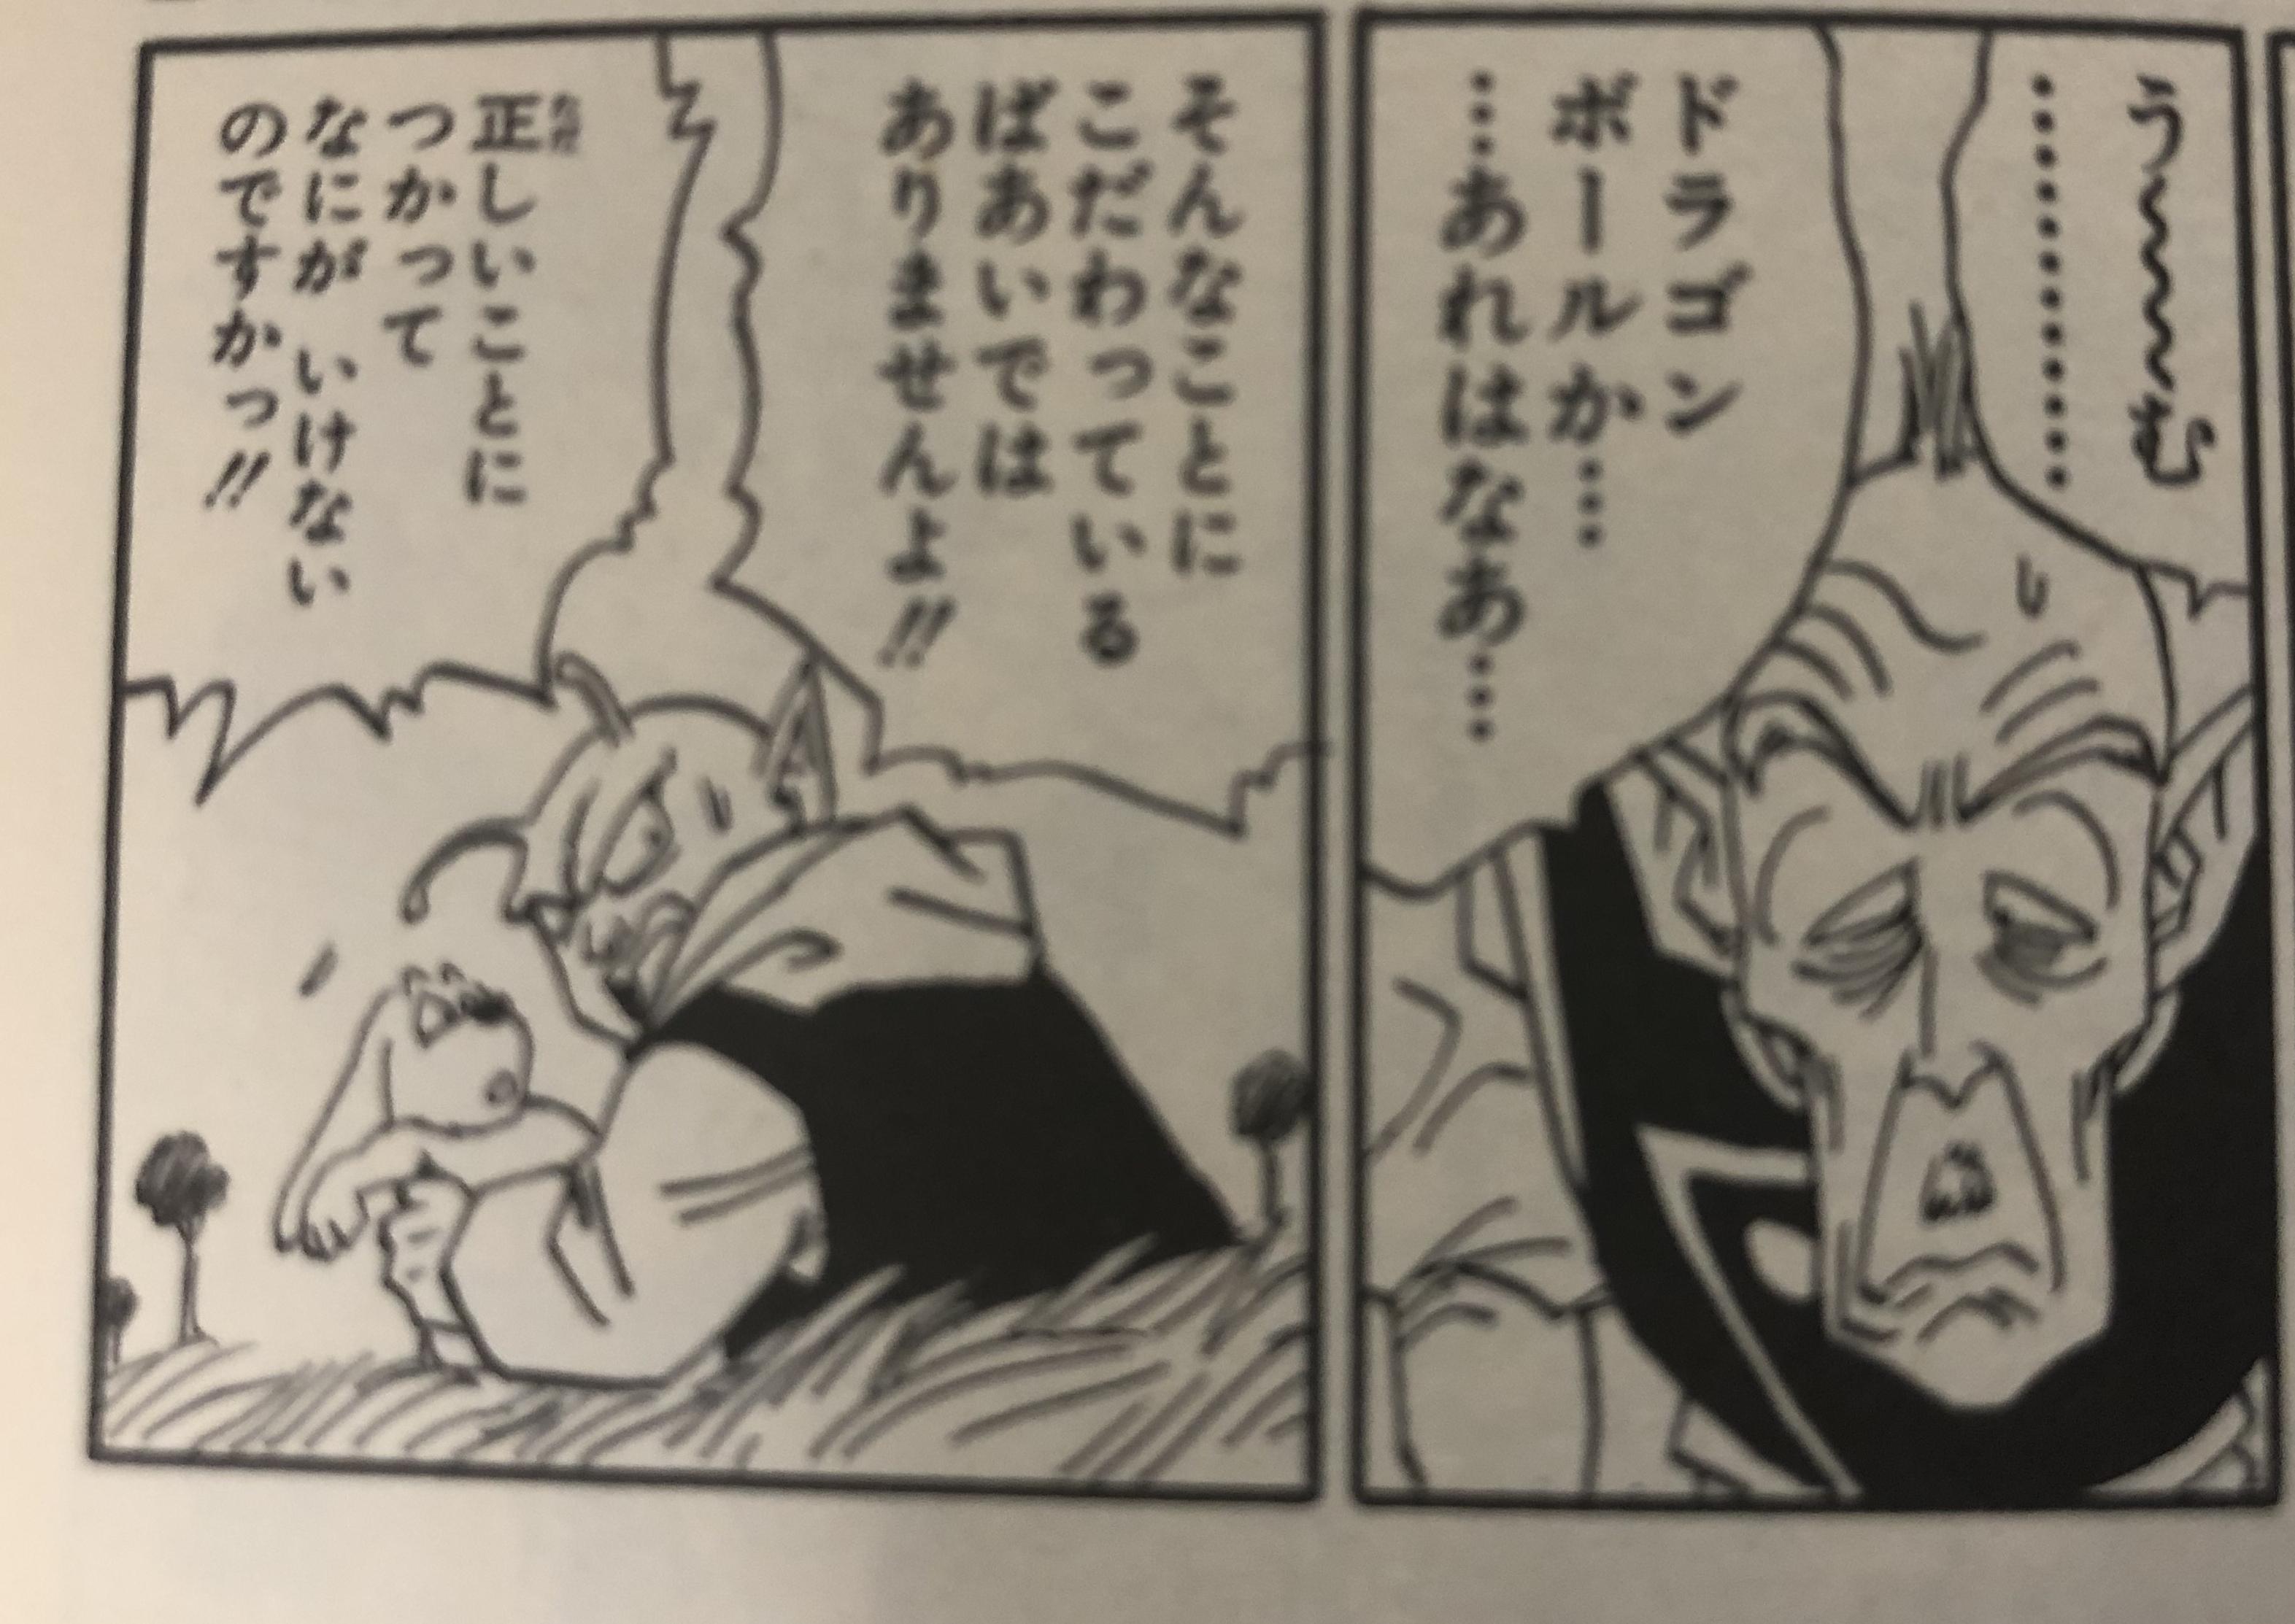 【ドラゴンボール】地球のかわいい神様、デンデの魅力について解説!ベジータとは不仲?